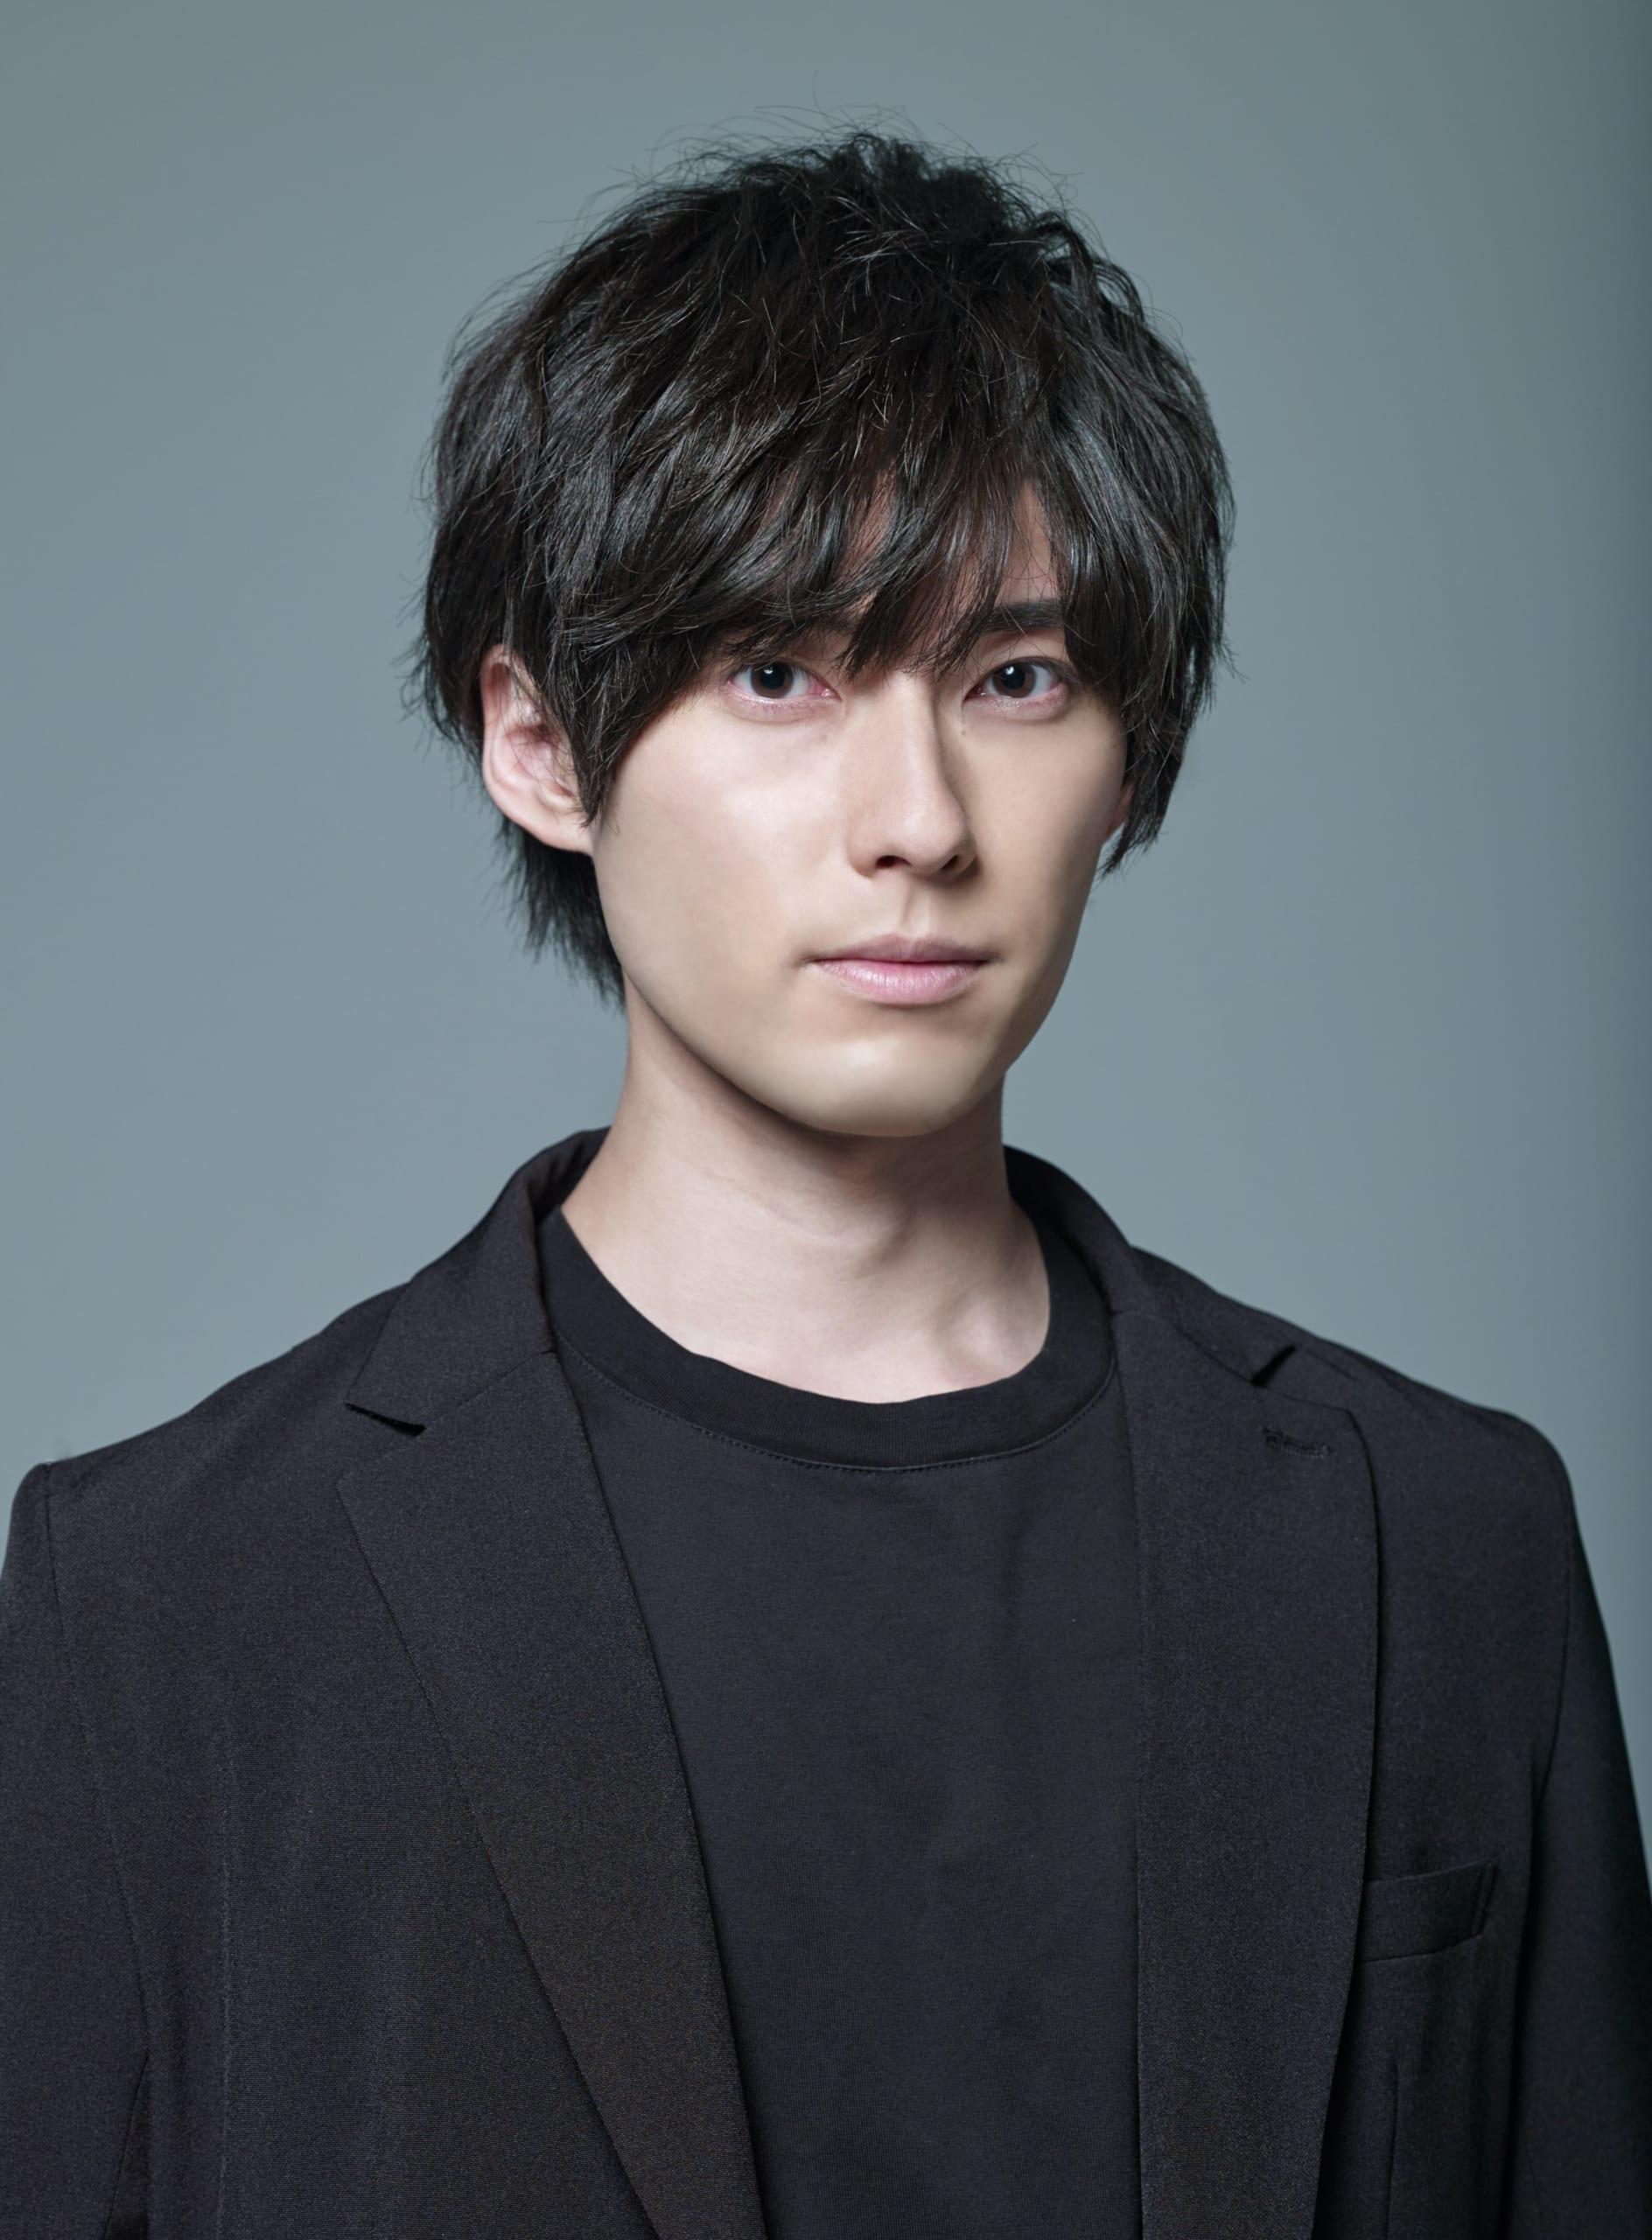 増田俊樹さん